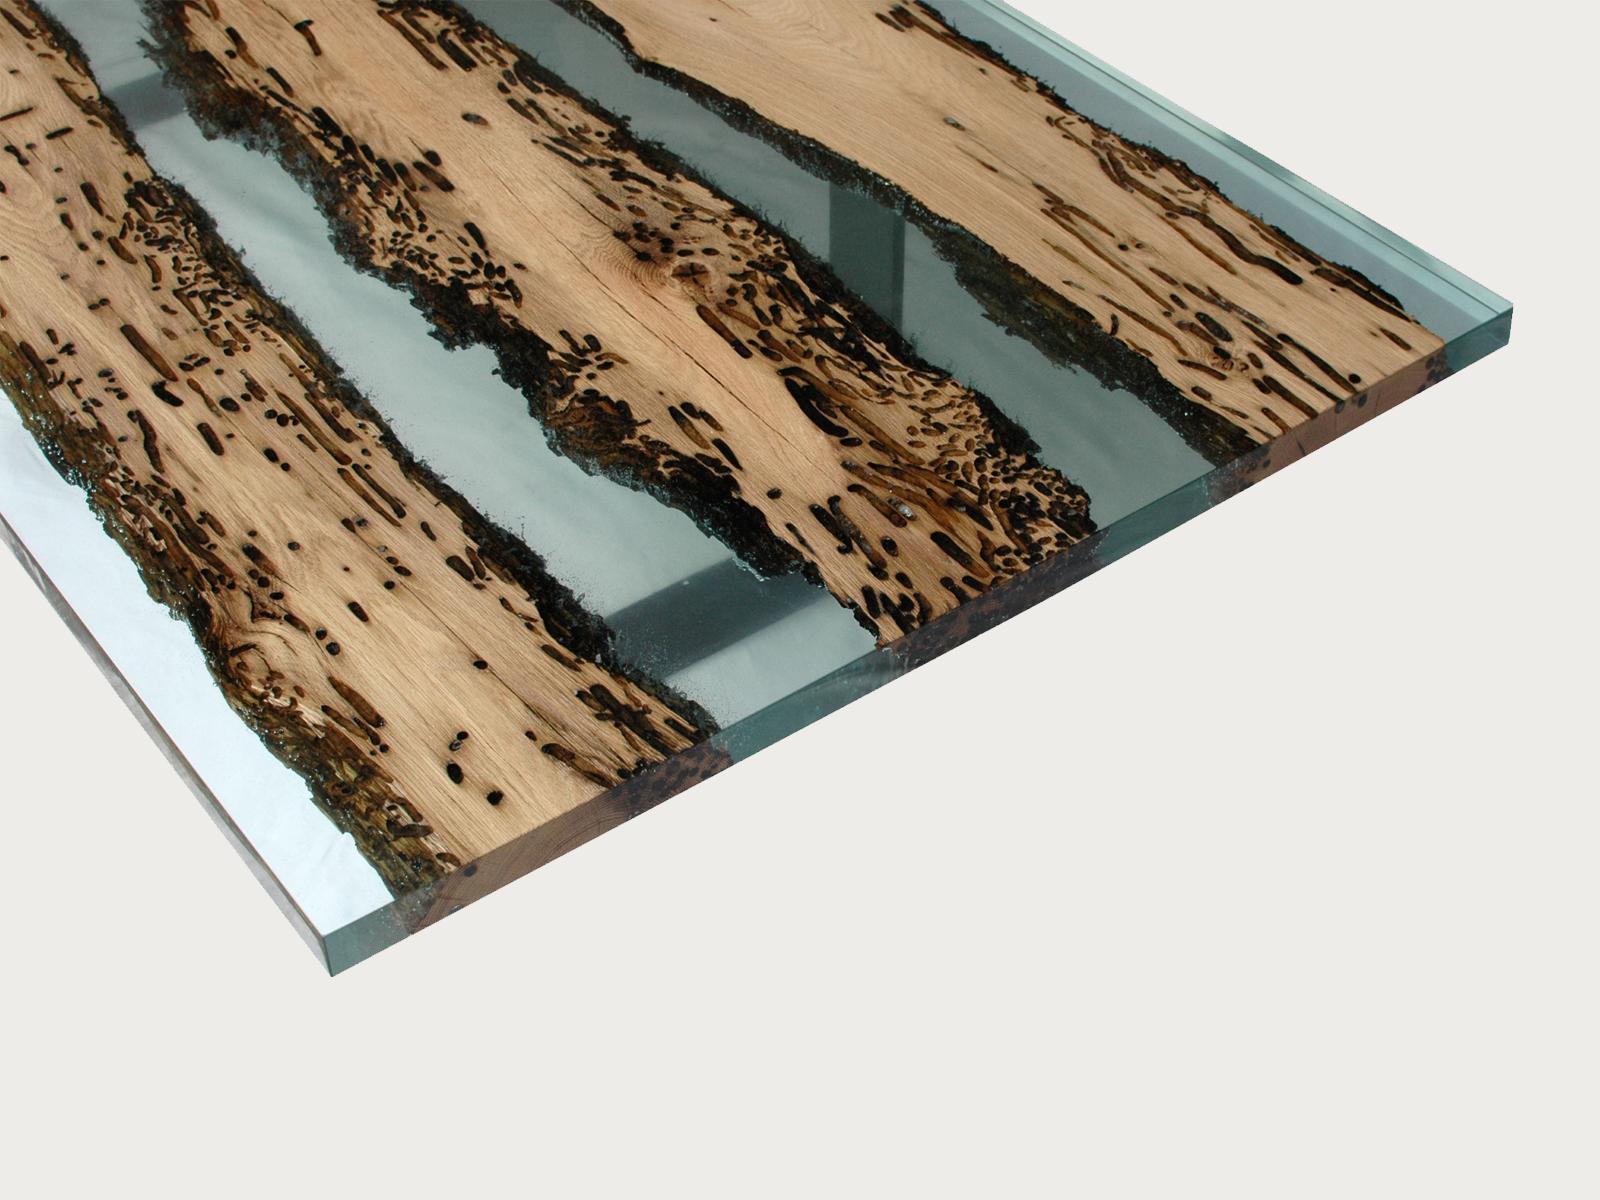 alcarol-chimenti-low-table-bricola